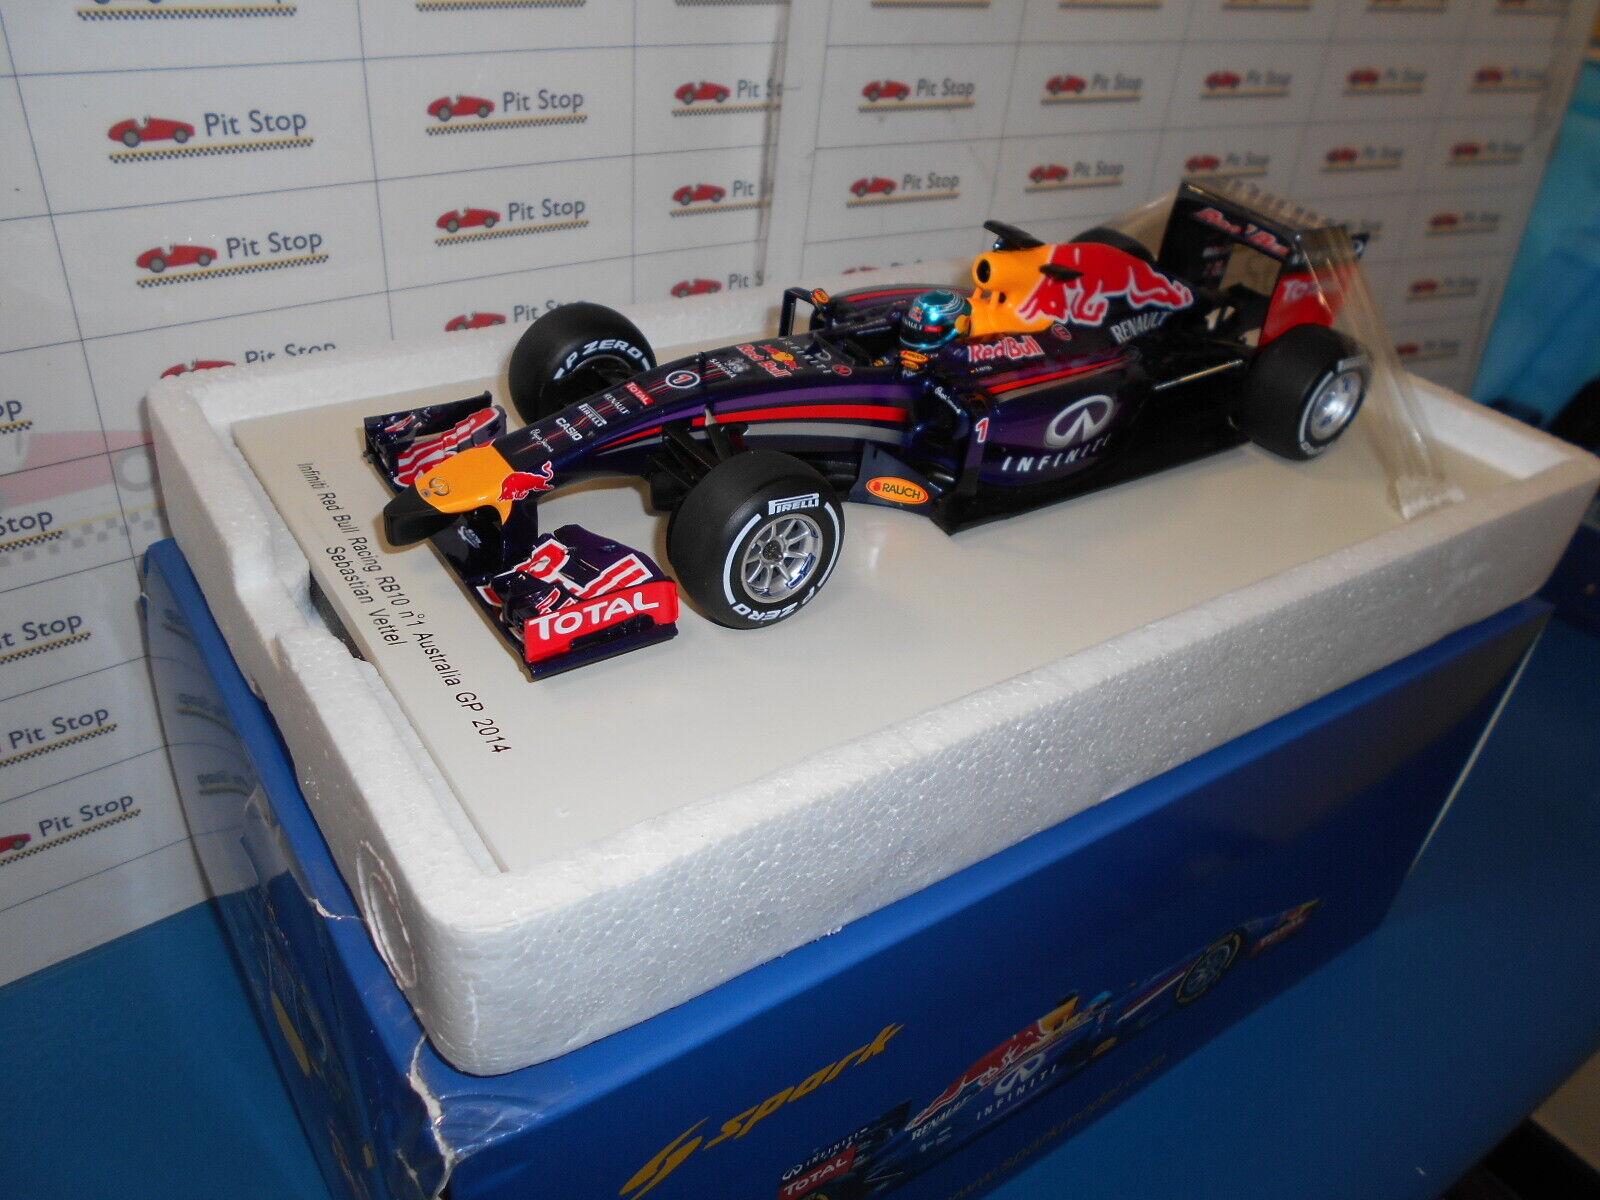 Spa18s135 sparkmodel Infiniti redbull rb10 S. Vettel Australian GP 2014 1 18